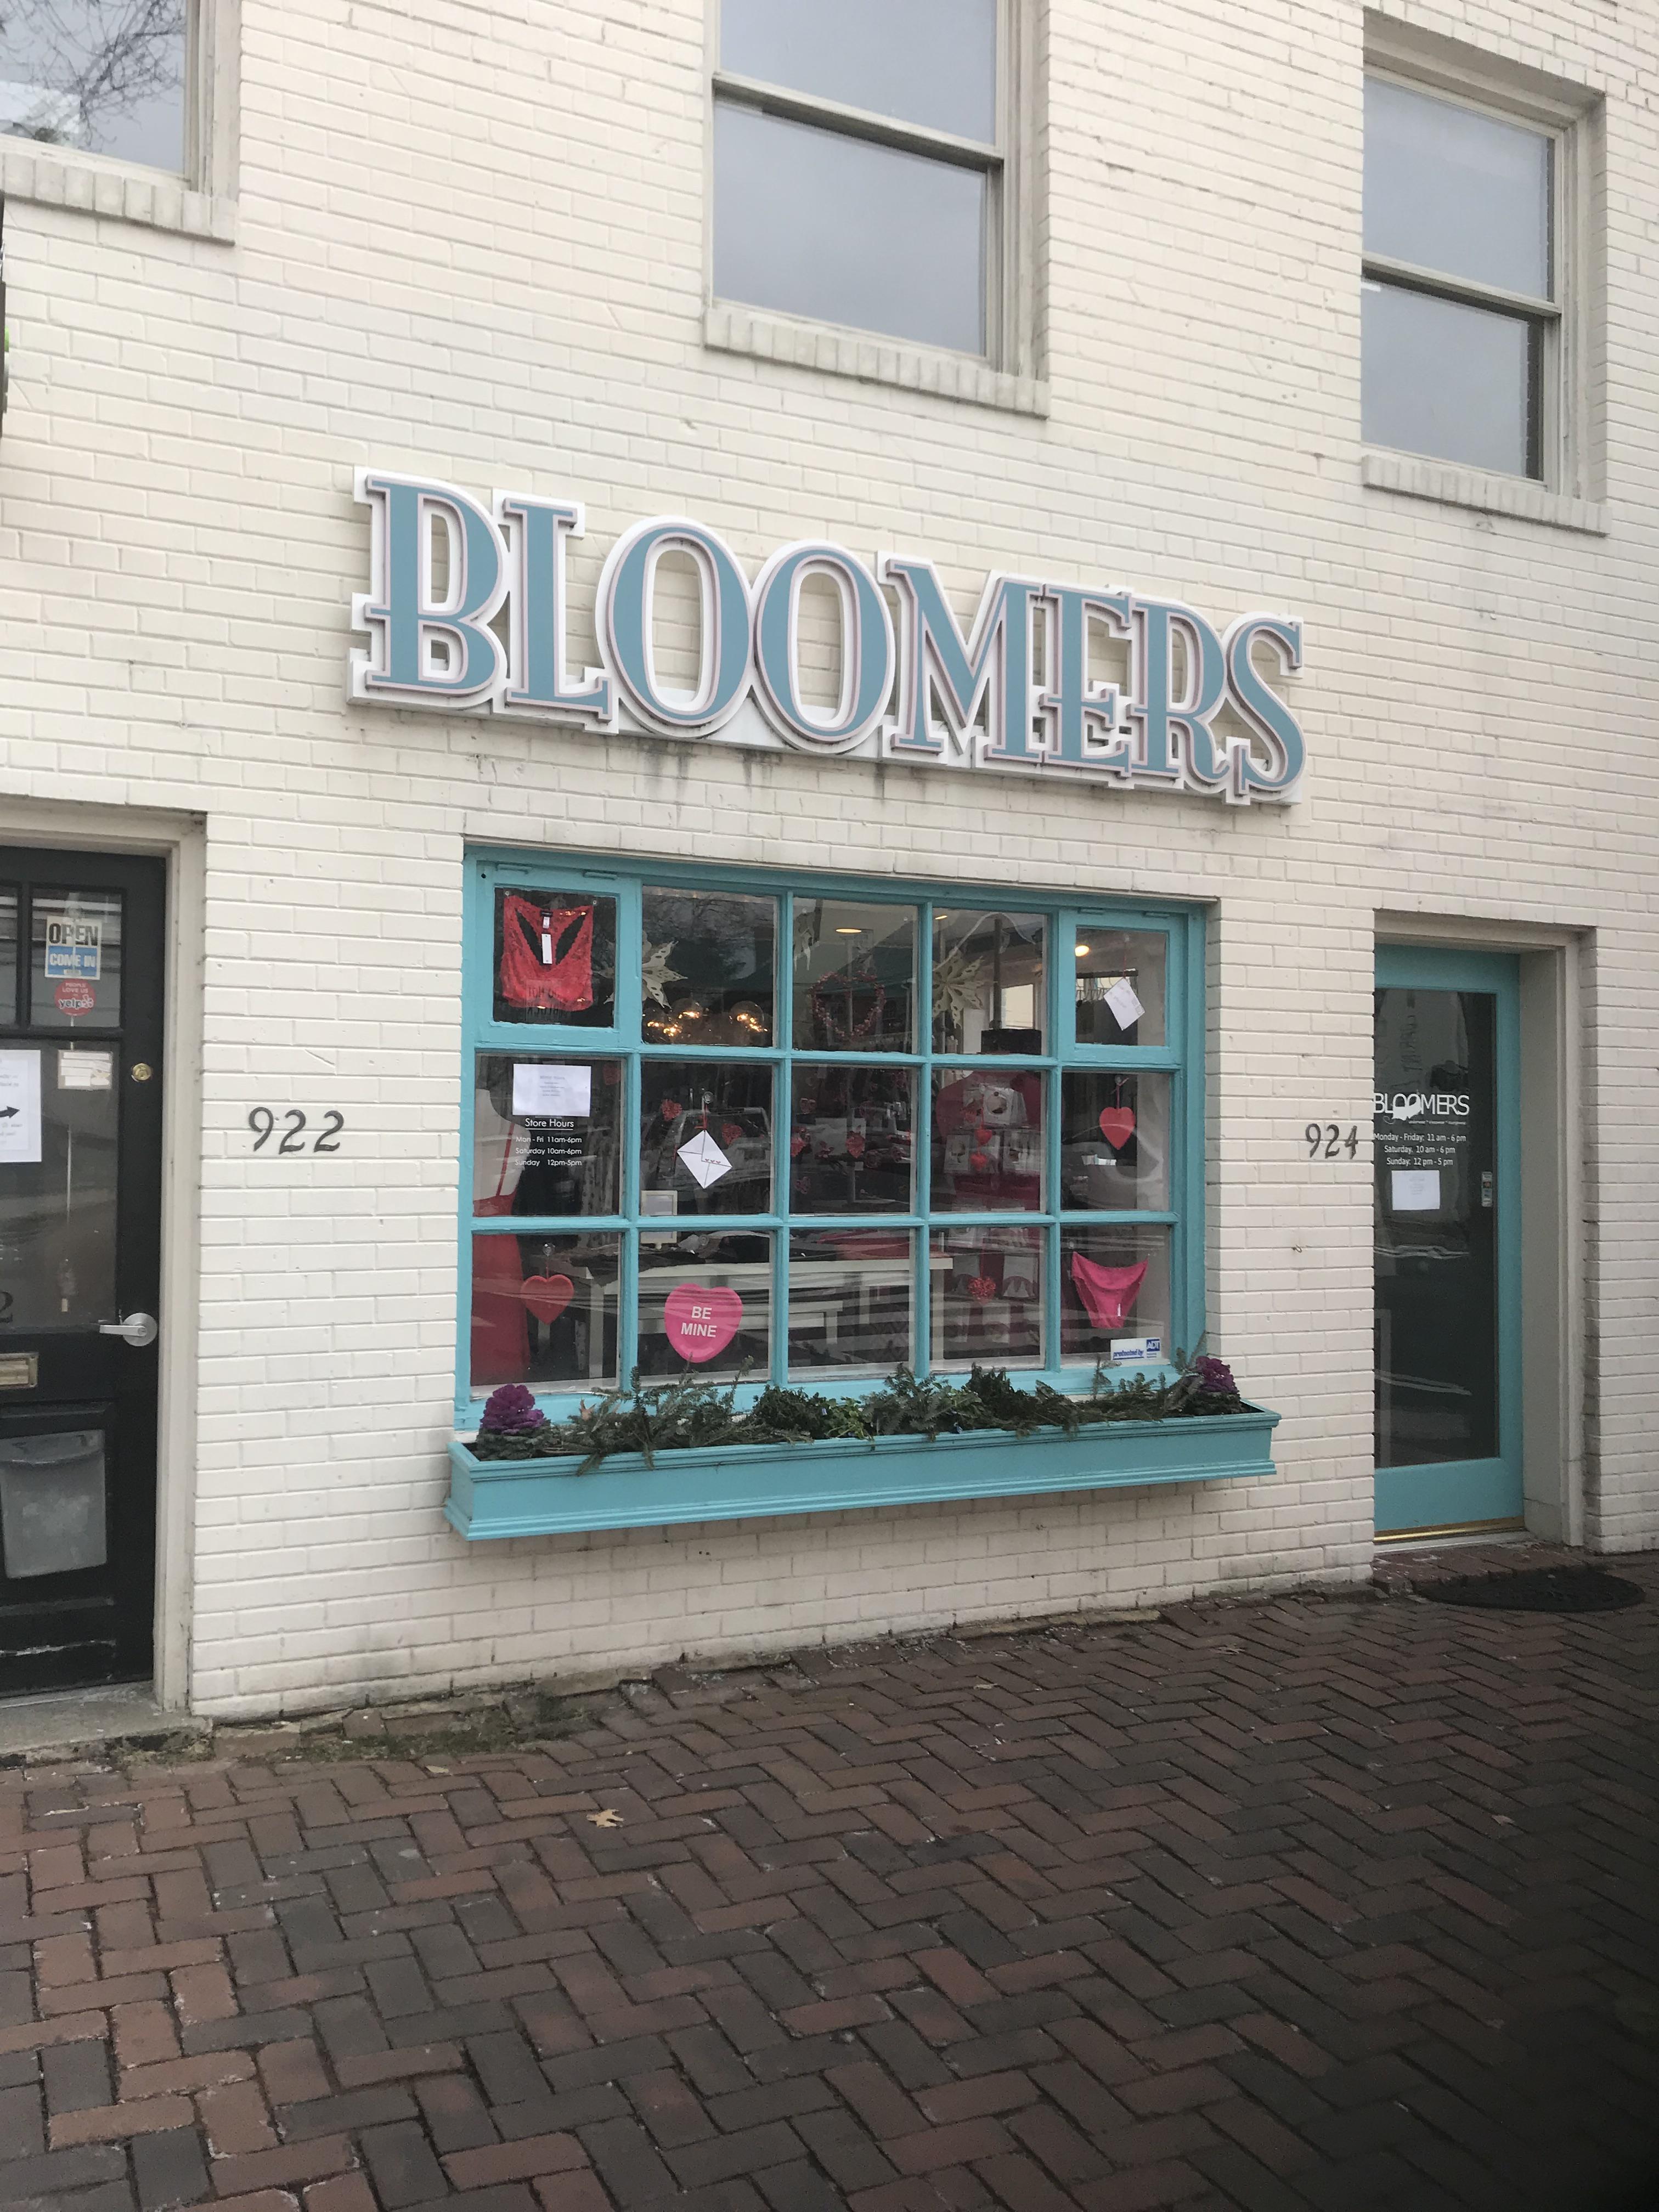 Pleasure wearing bloomers